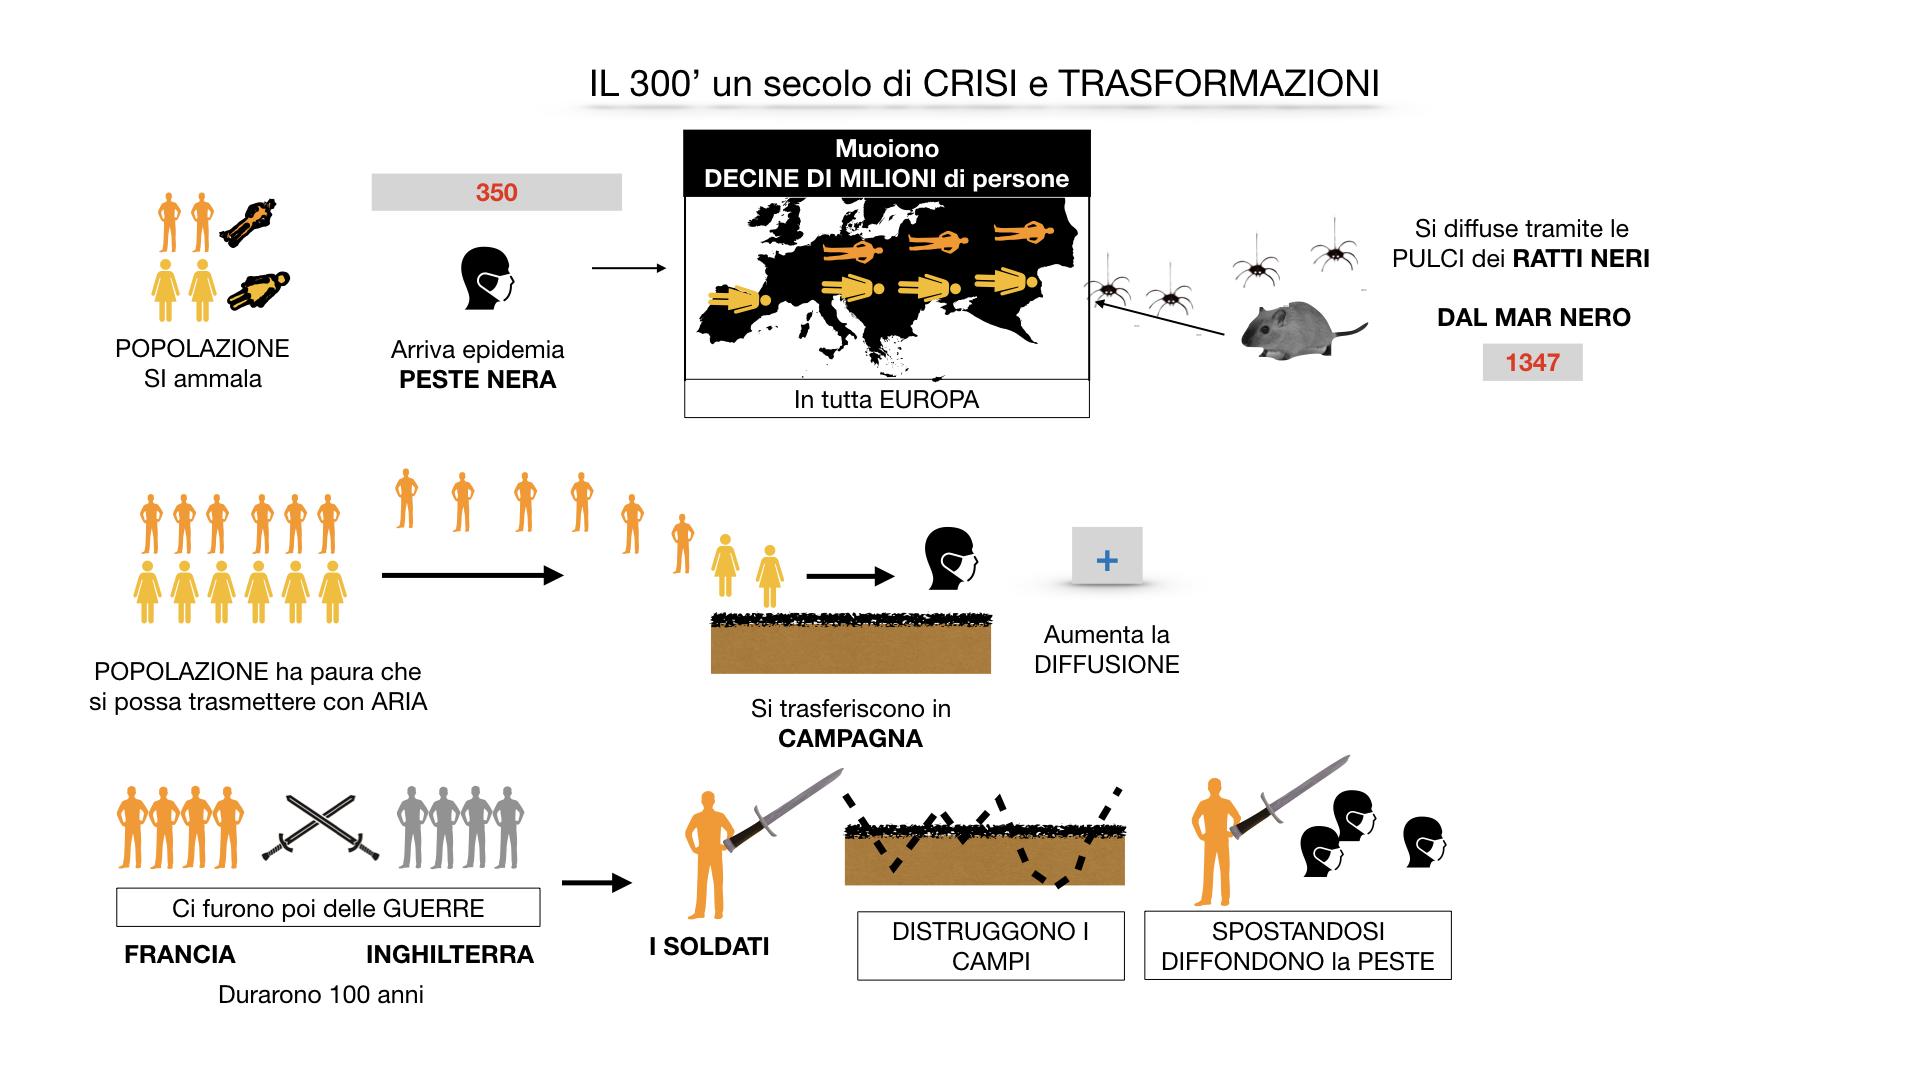 il 300 crisi e trasformazioni_ SIMULAZIONE.031